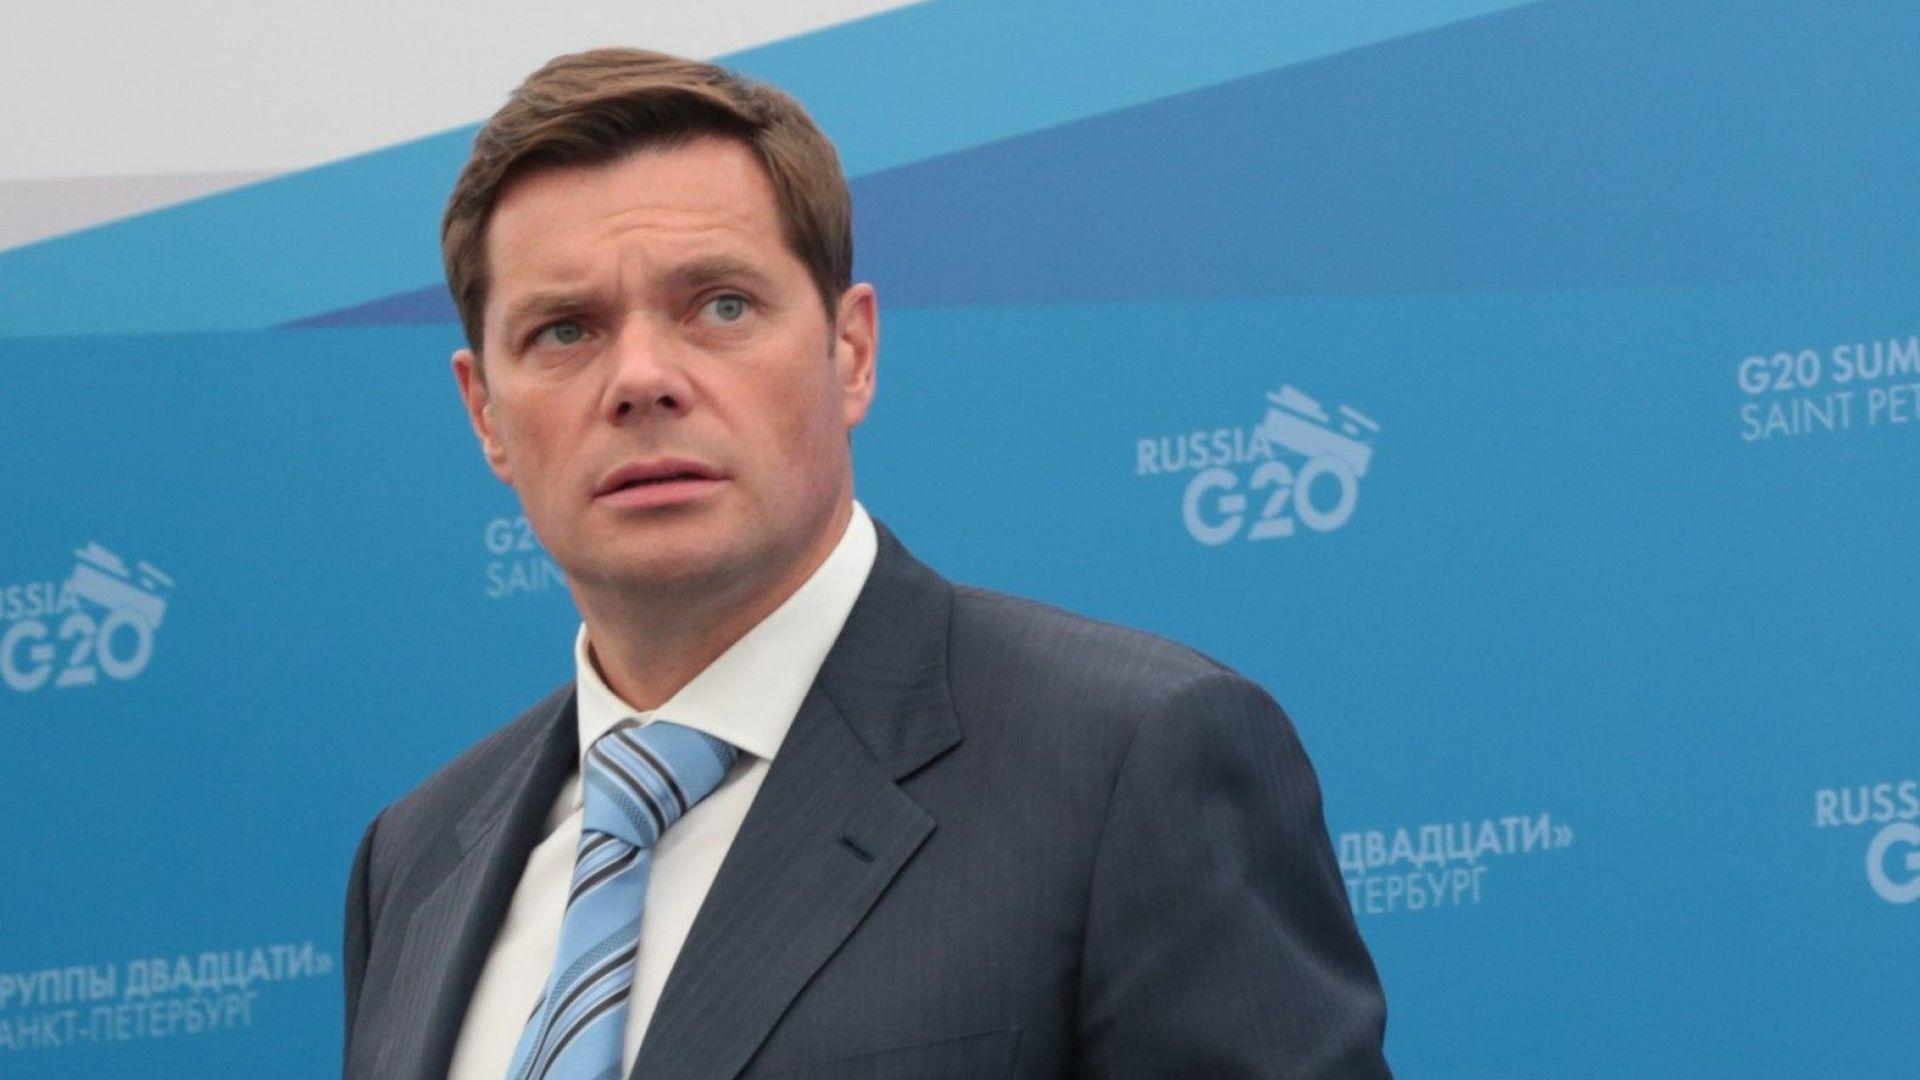 Алексей Мордашов вече е най-богатият руски бизнесмен: $30 млрд.